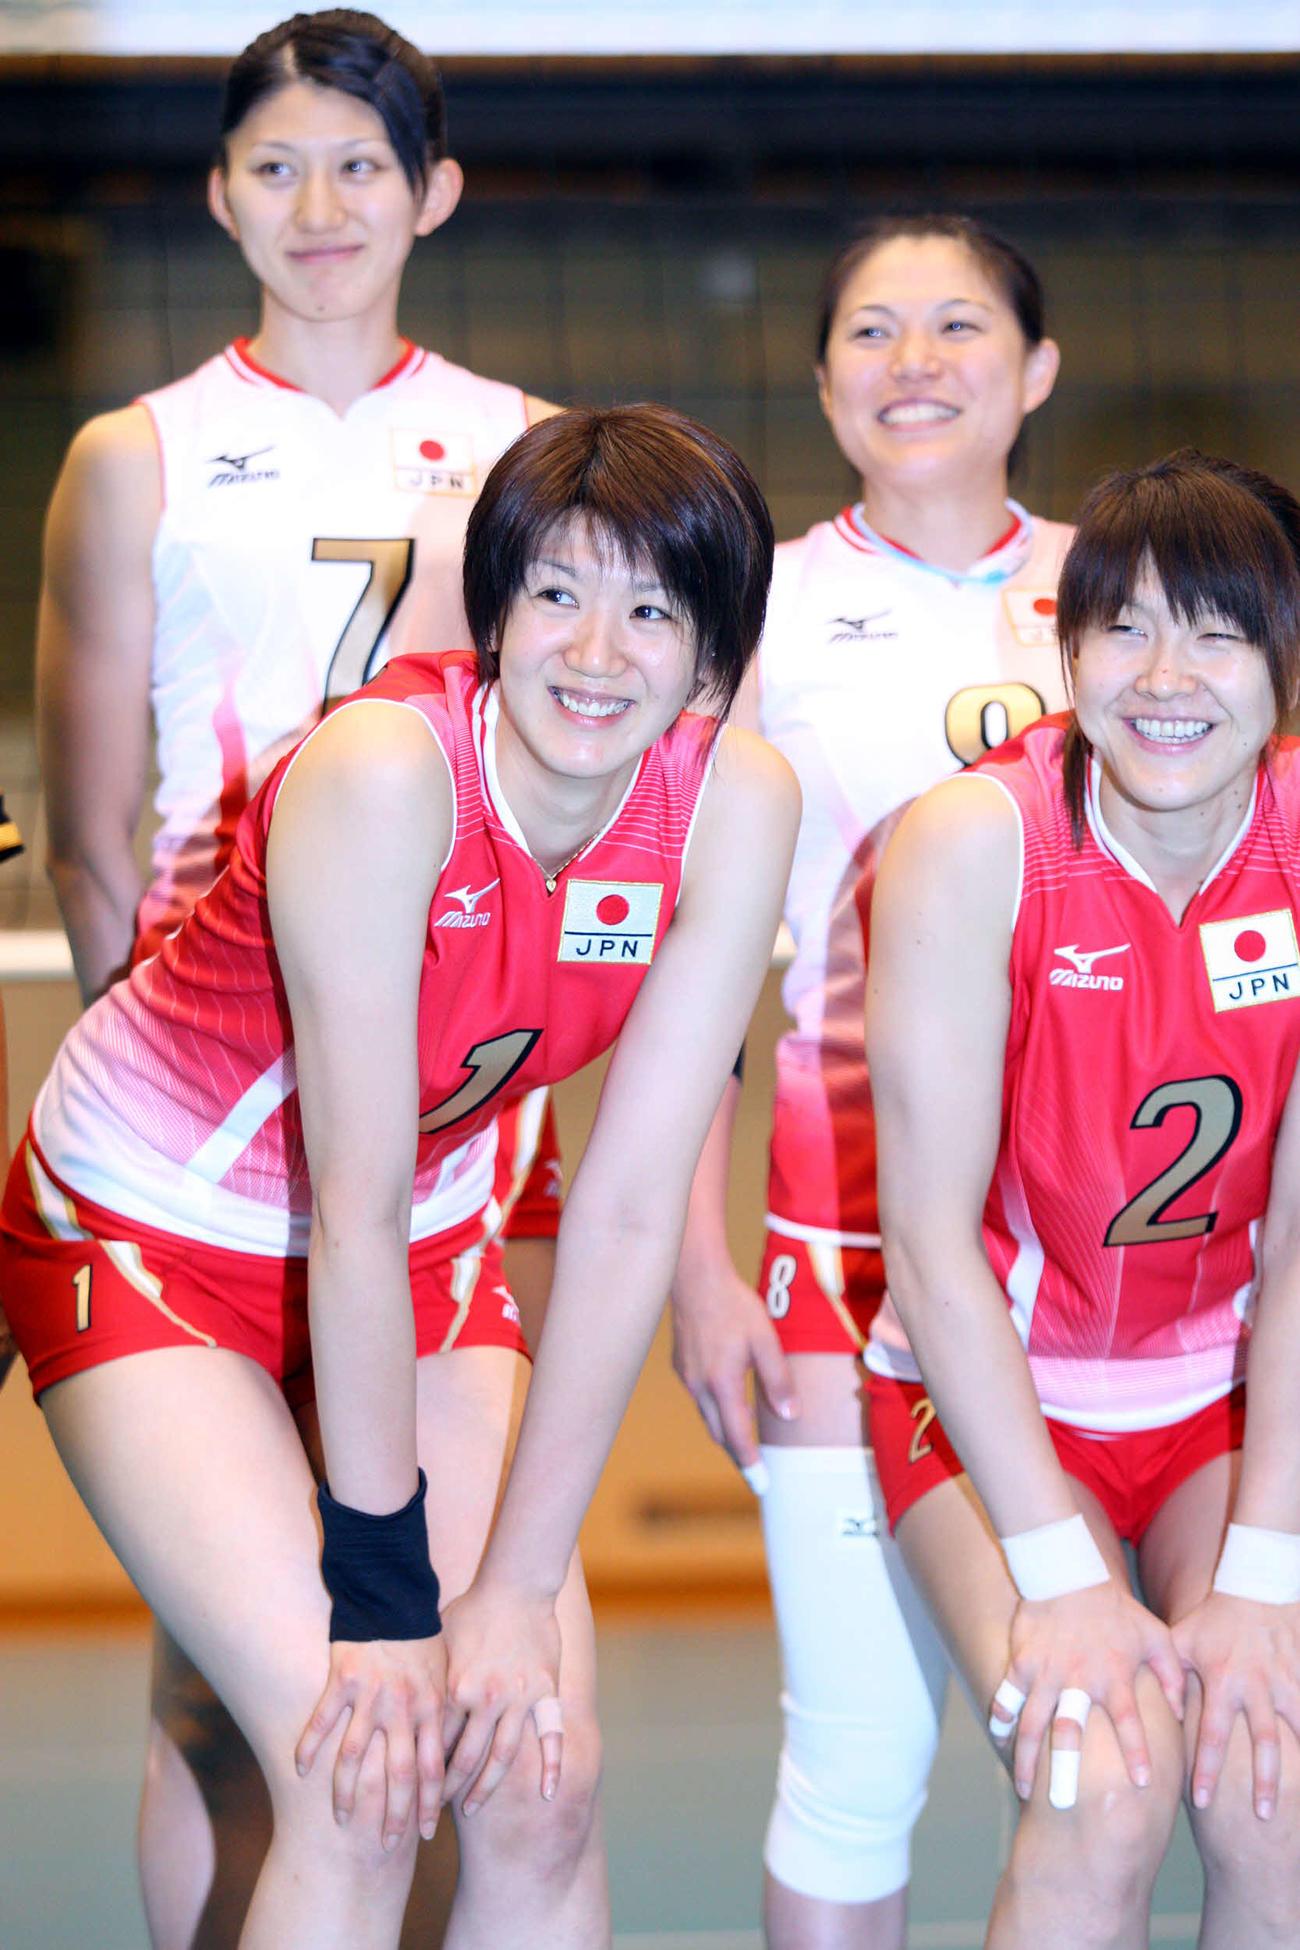 女子日本代表のユニホームを着て笑顔を見せる栗原恵さん(左)と多治見麻子さん。後列は杉山祥子さん(左)と桜井由香さん(2008年7月18日撮影)